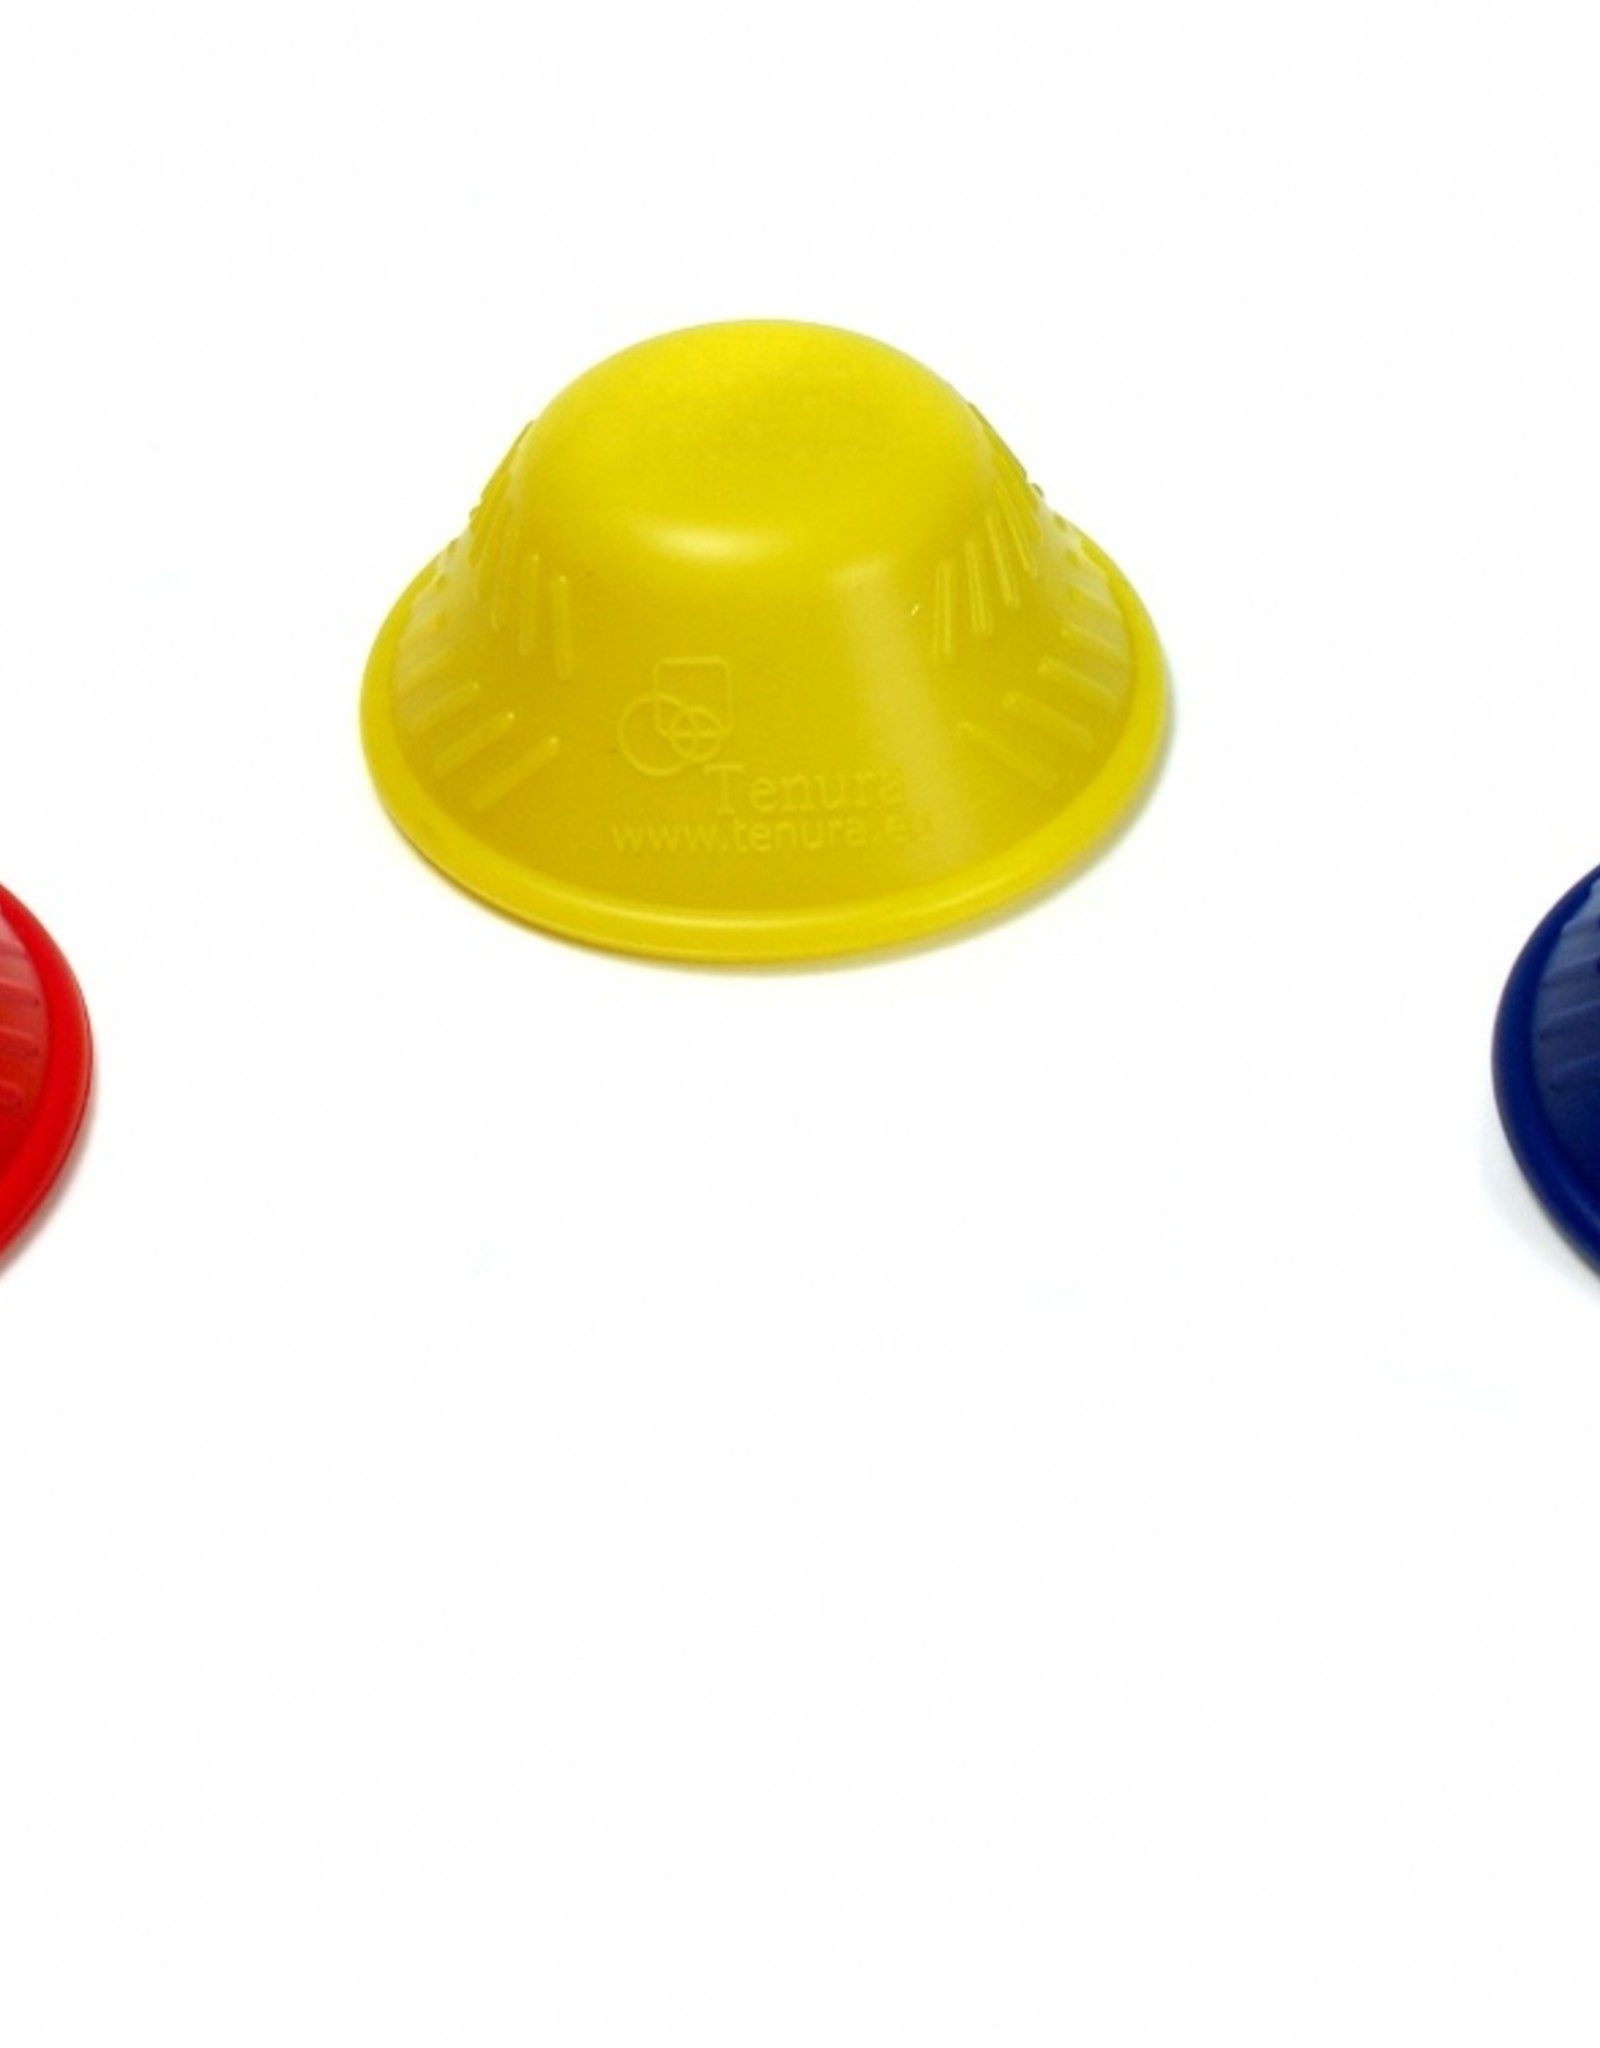 Able2 Anti-slip flesopener